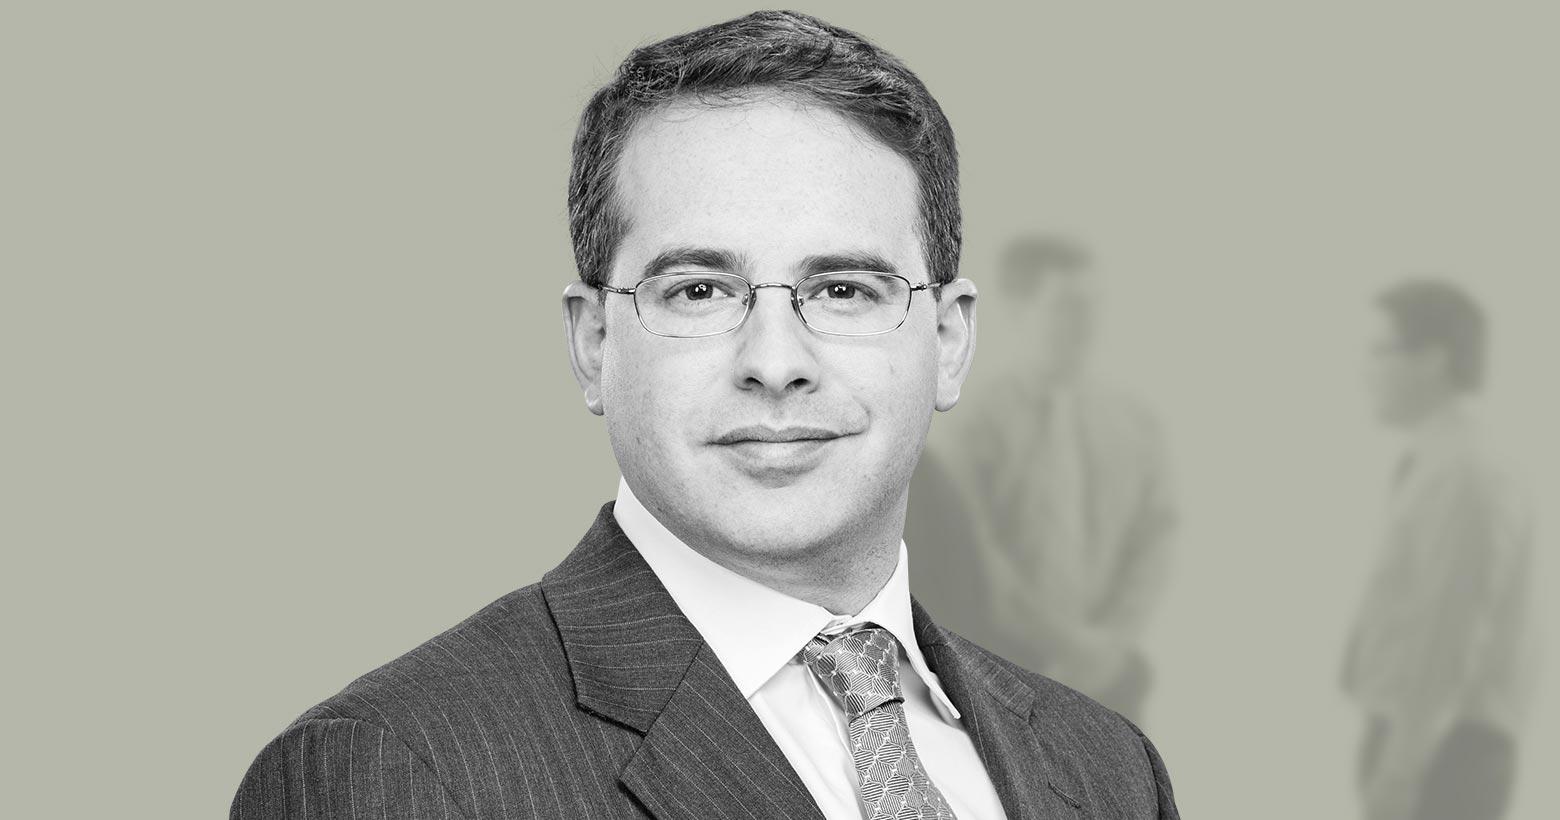 Matthew P. Einbinder